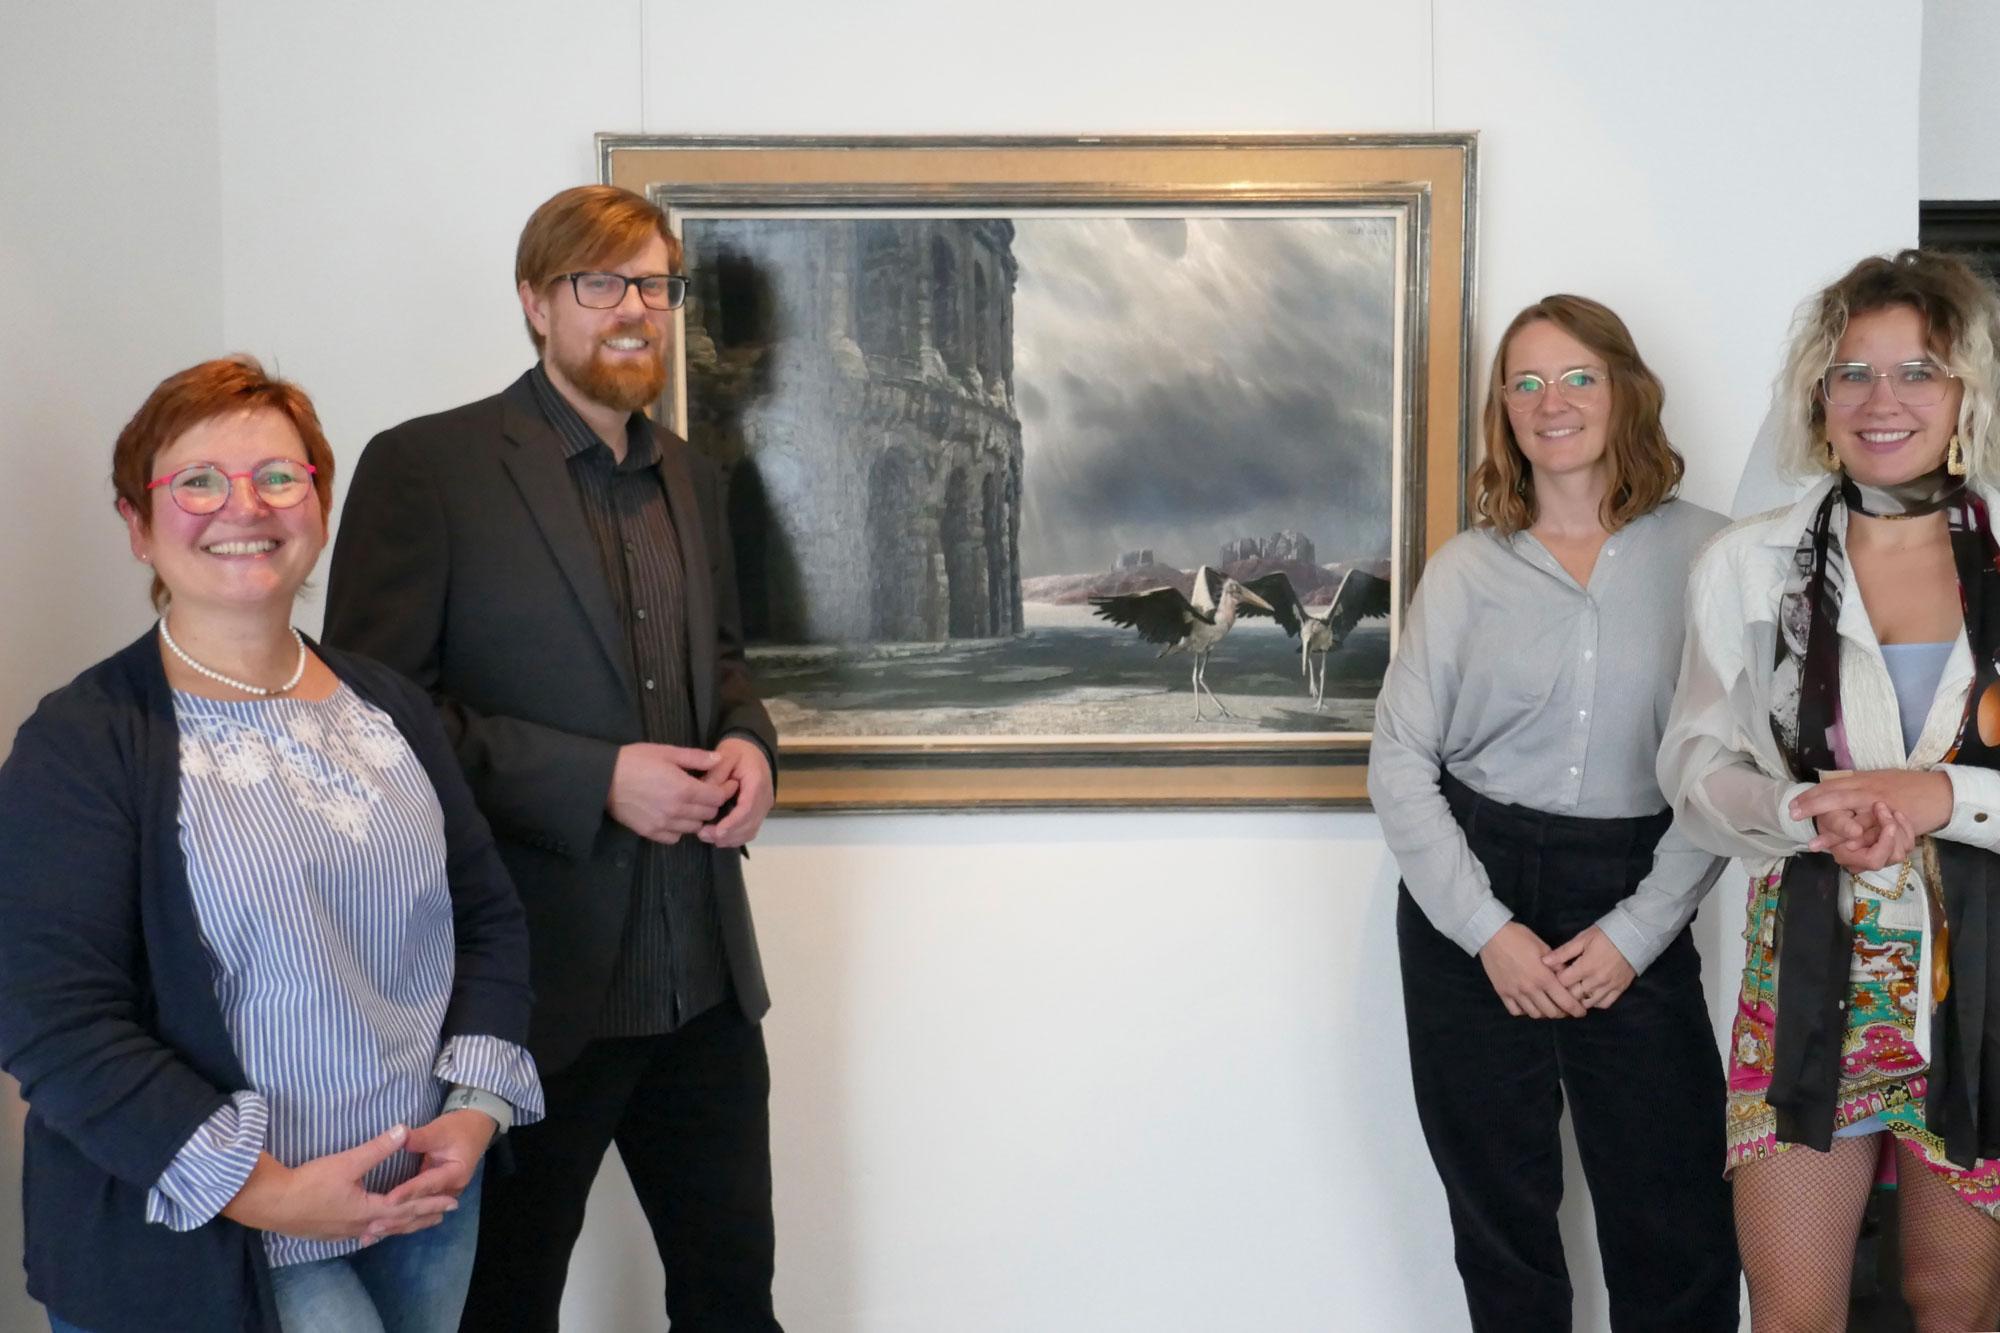 Die Künstlerin Louise te Poele mit den Kuratoren Sally Müller und Arne Reimann sowie Kulturchefin Stefanie Kettler (v.r.). Foto: Constanze Rauert. (Foto:Kreis Unna)